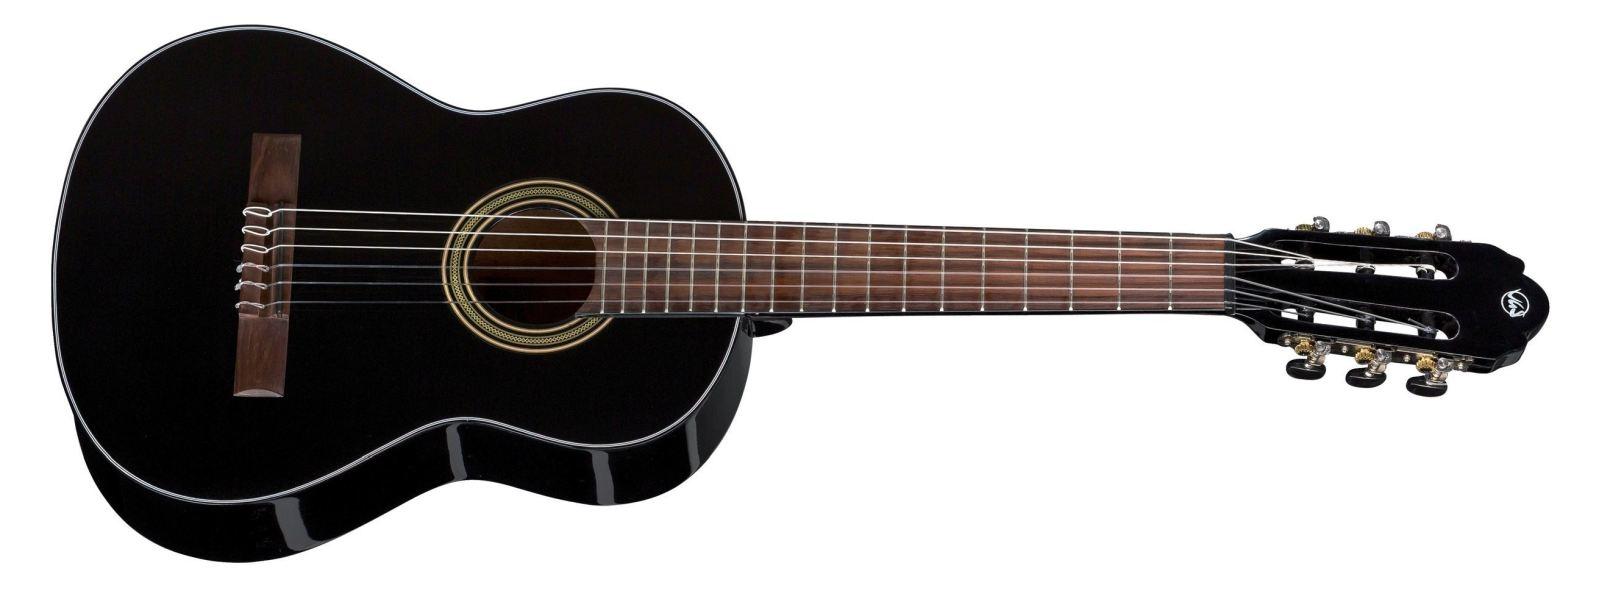 VGS Konzertgitarre 1/2 Student schwarz